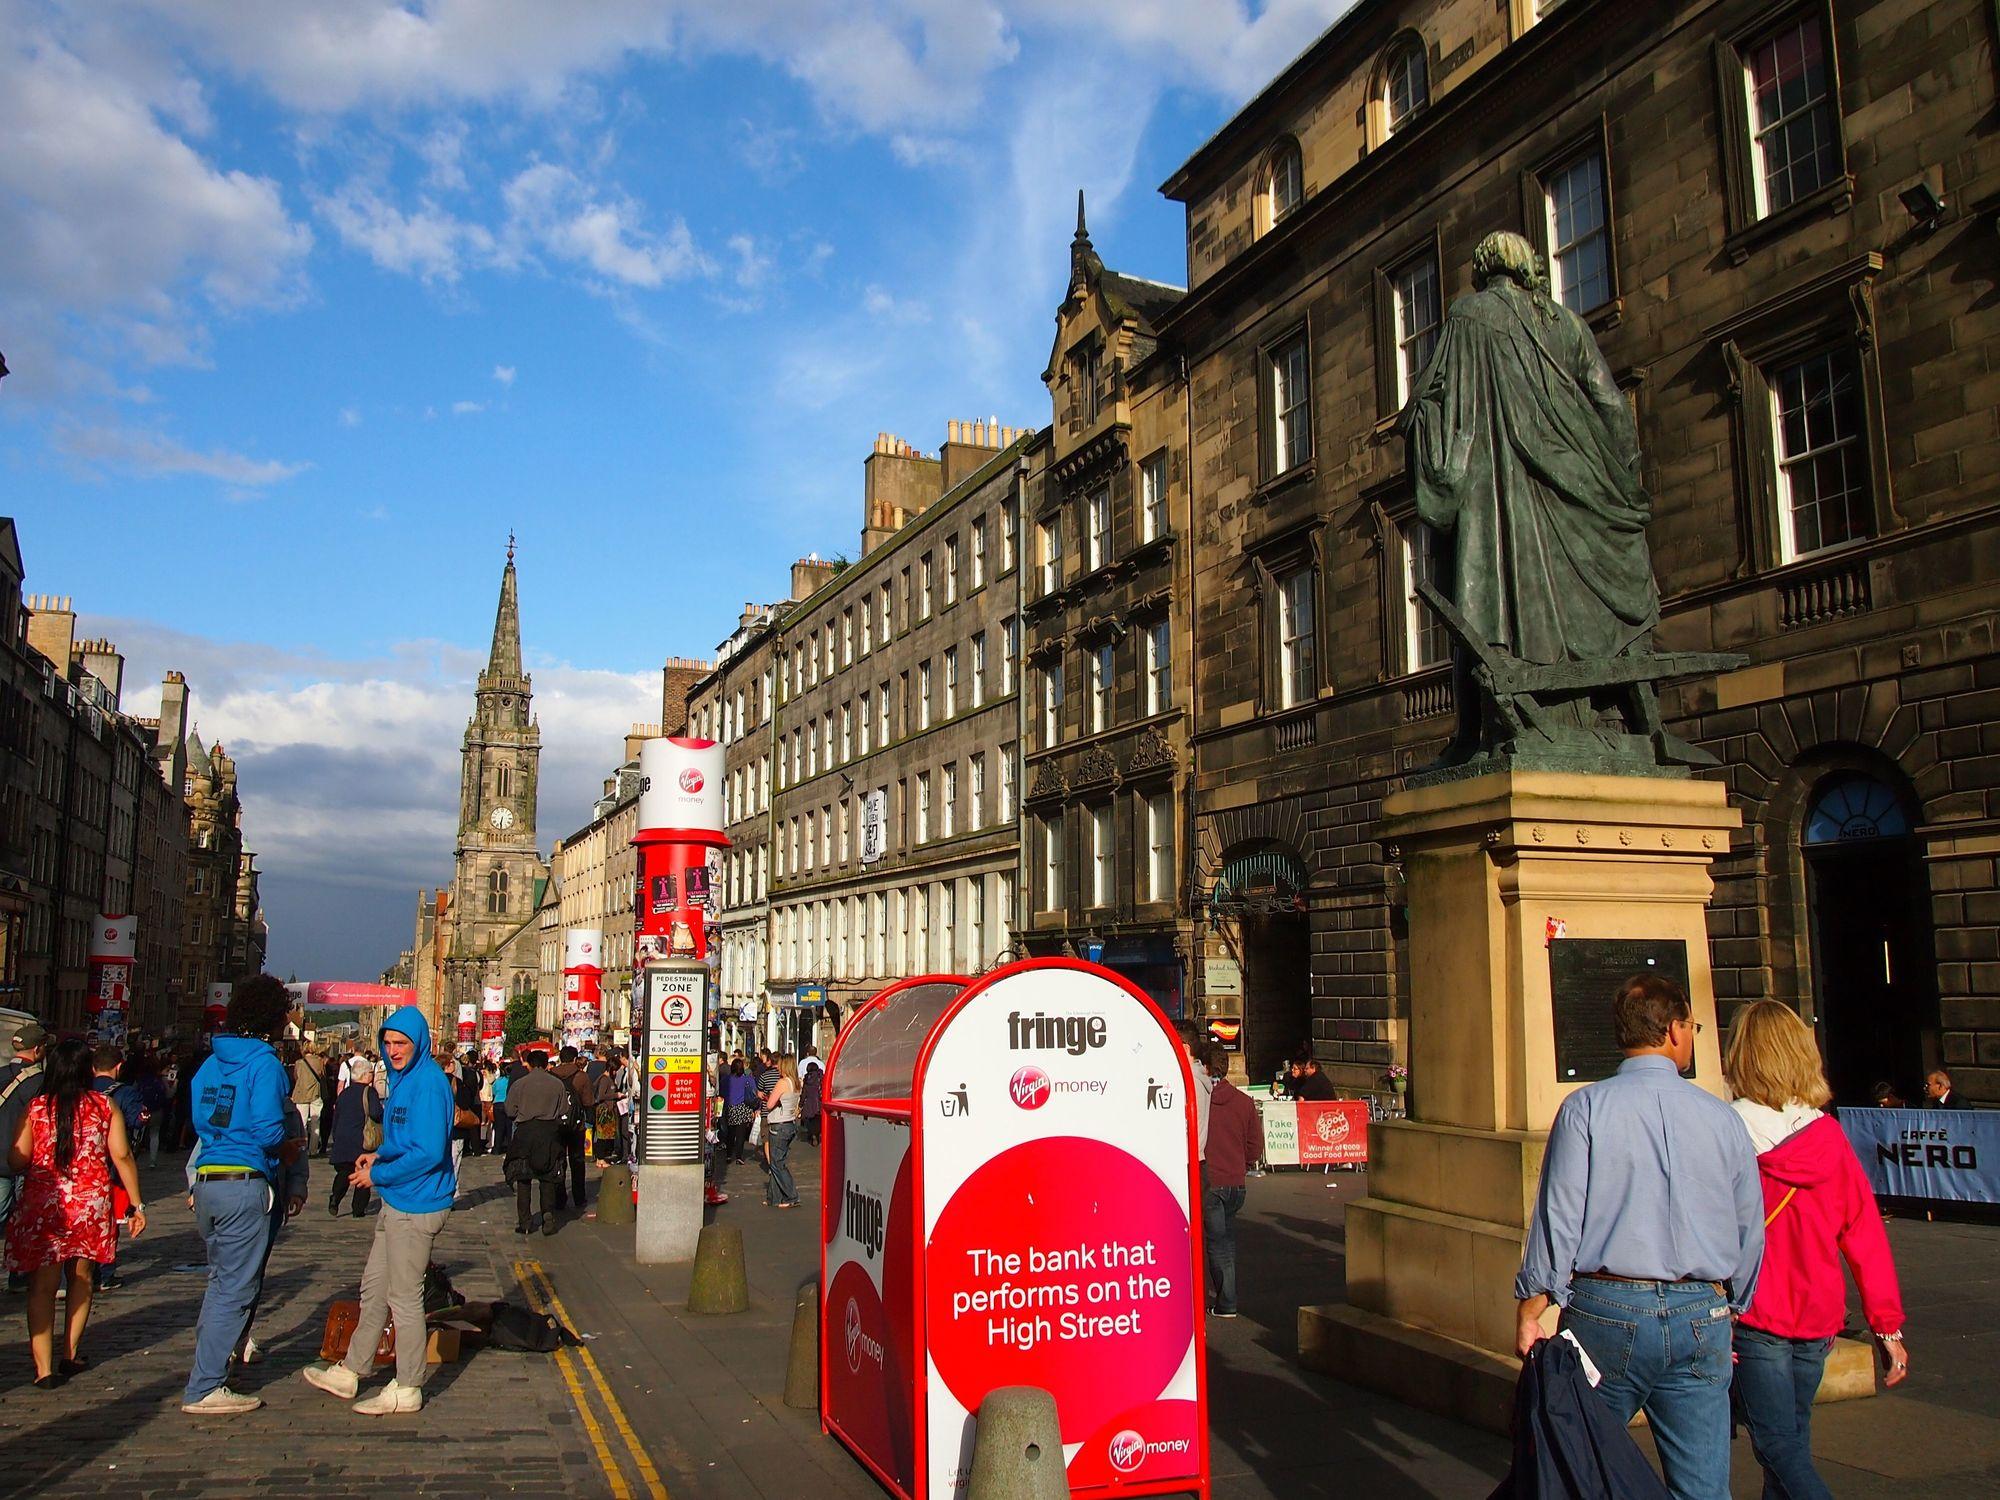 Edinburgh, Scotland during the Fringe Festival